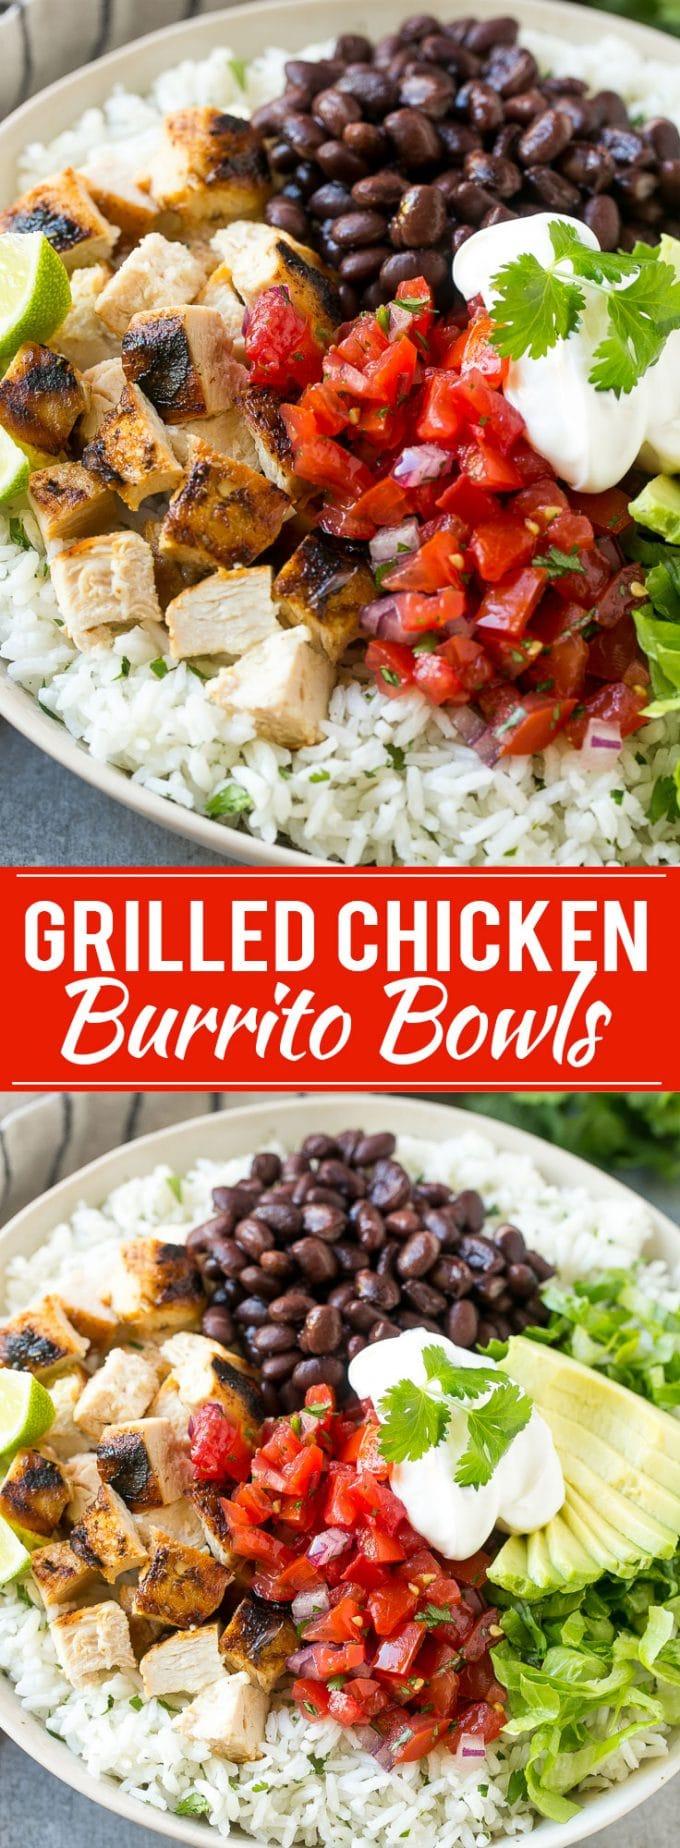 Chicken Burrito Bowls Recipe | Grilled Chicken Recipe | Burrito Bowl | Mexican Chicken